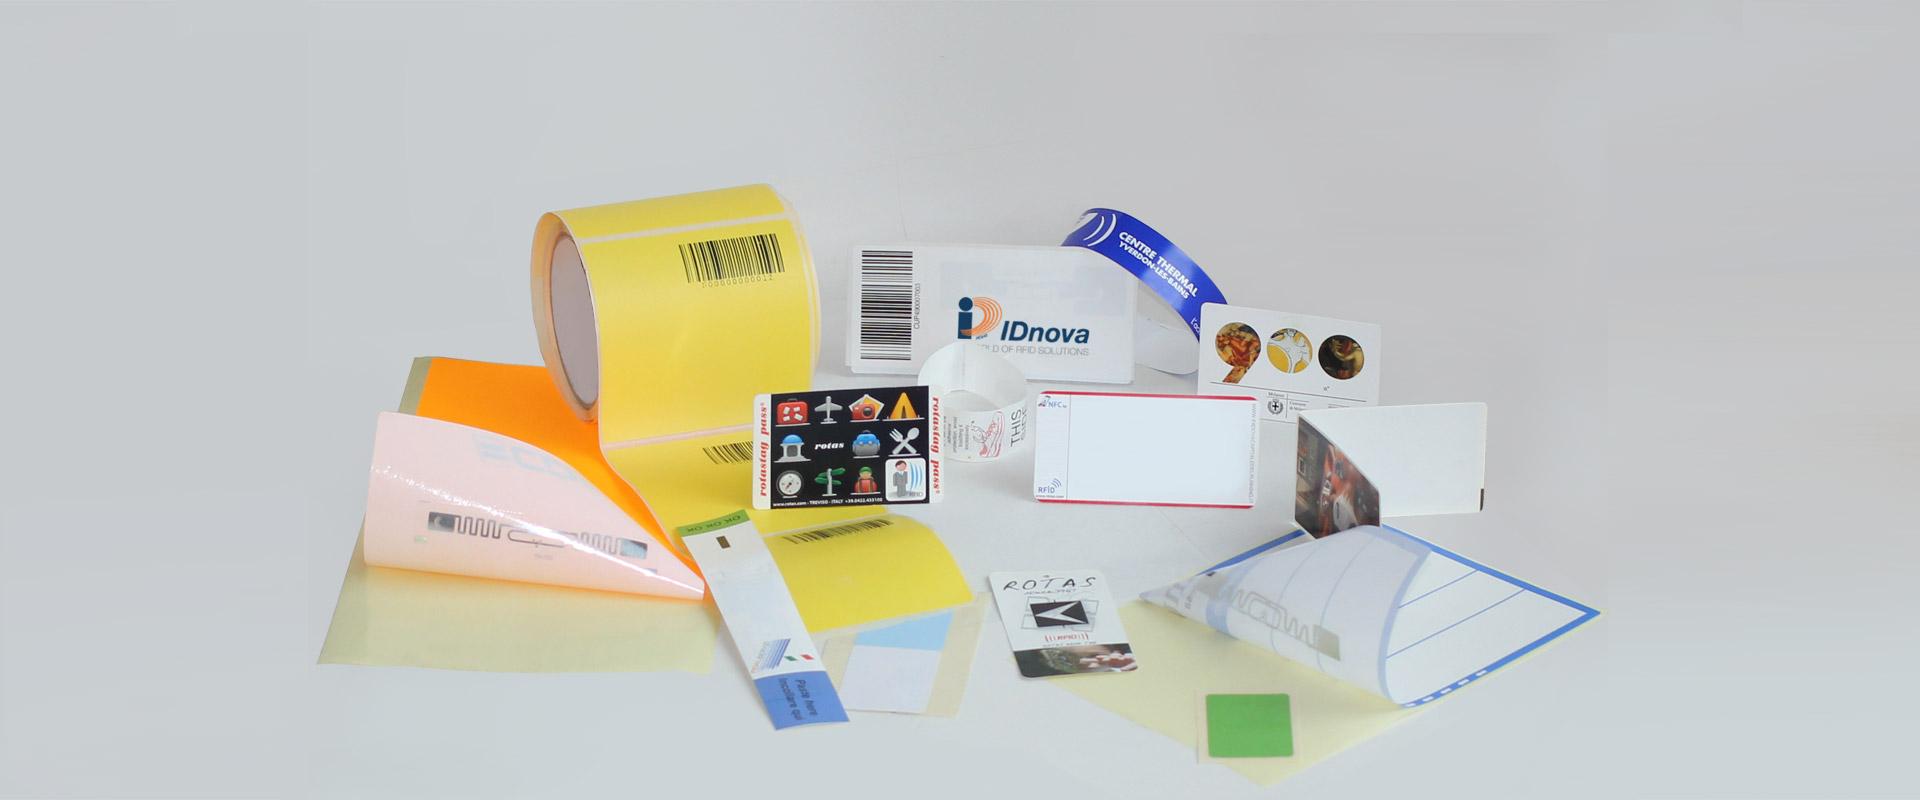 Etichette RFID panoramica